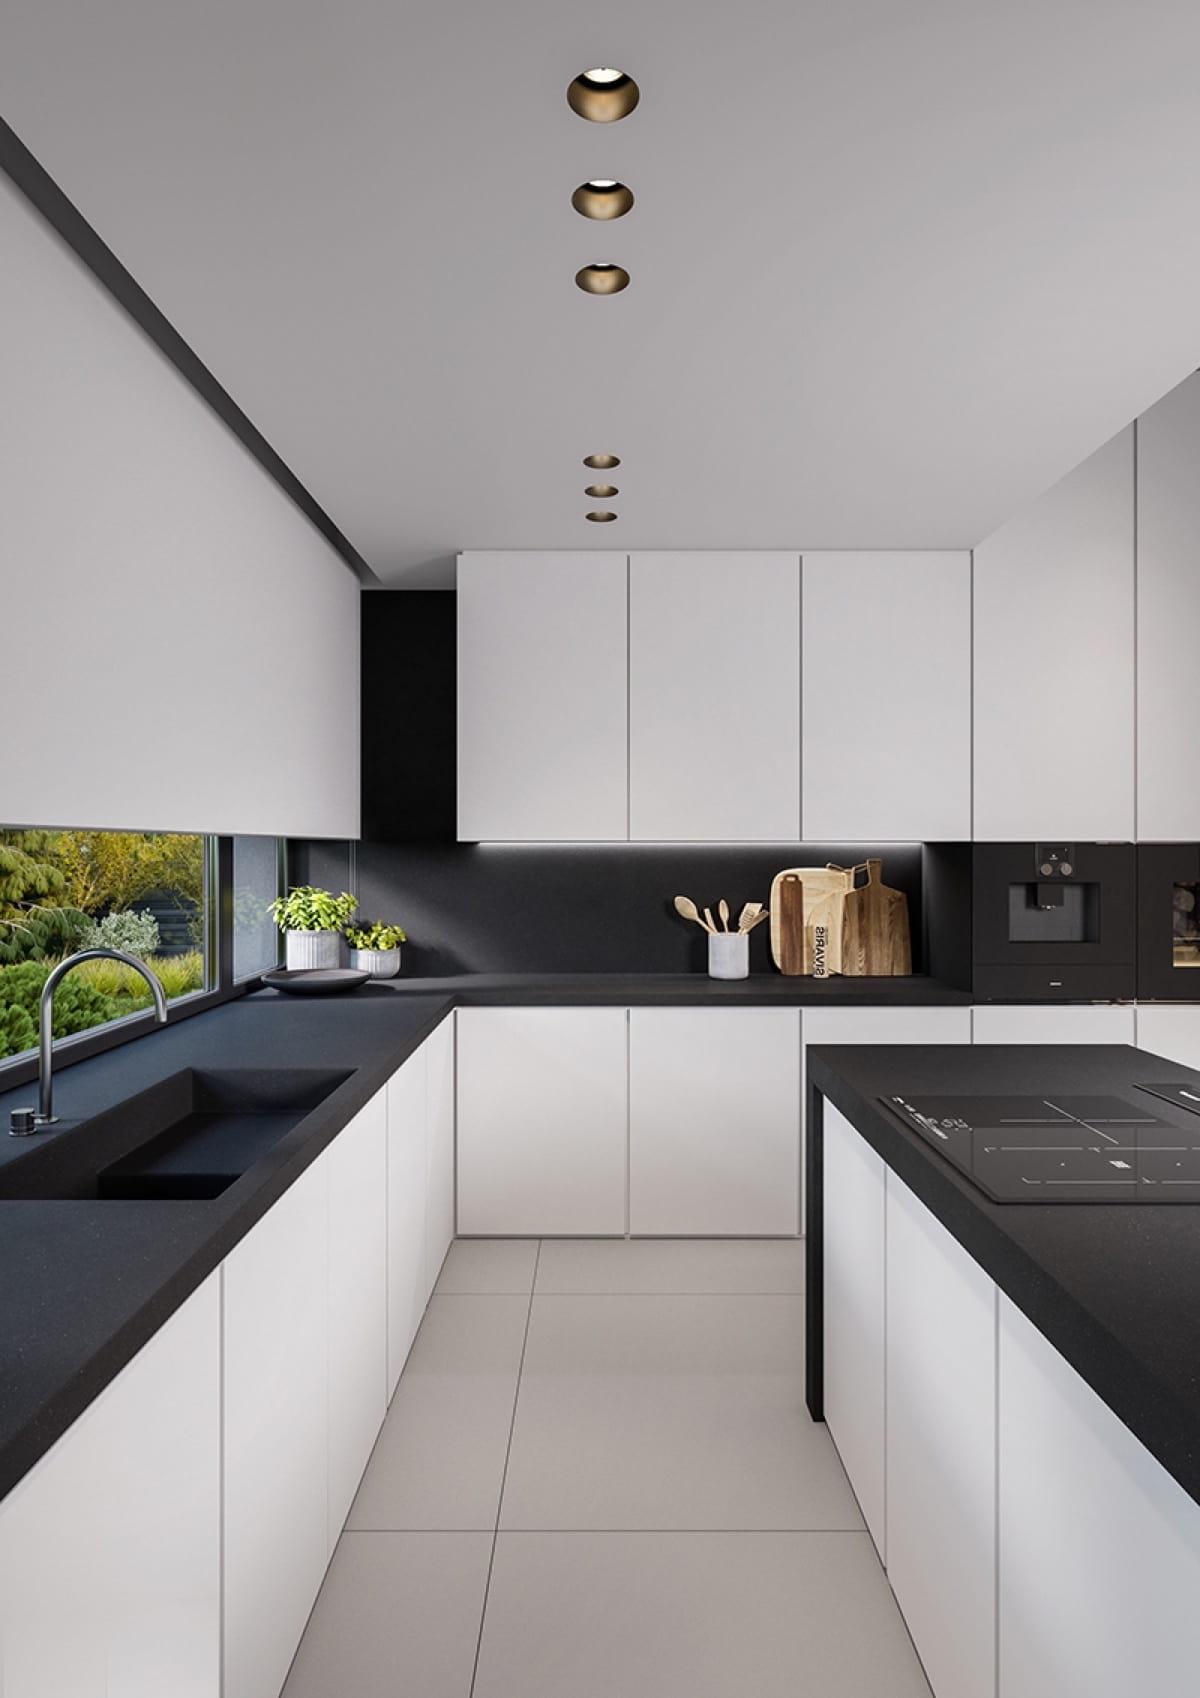 Удачный вариант подбора светильников в дизайне интерьера узкого кухонного помещения